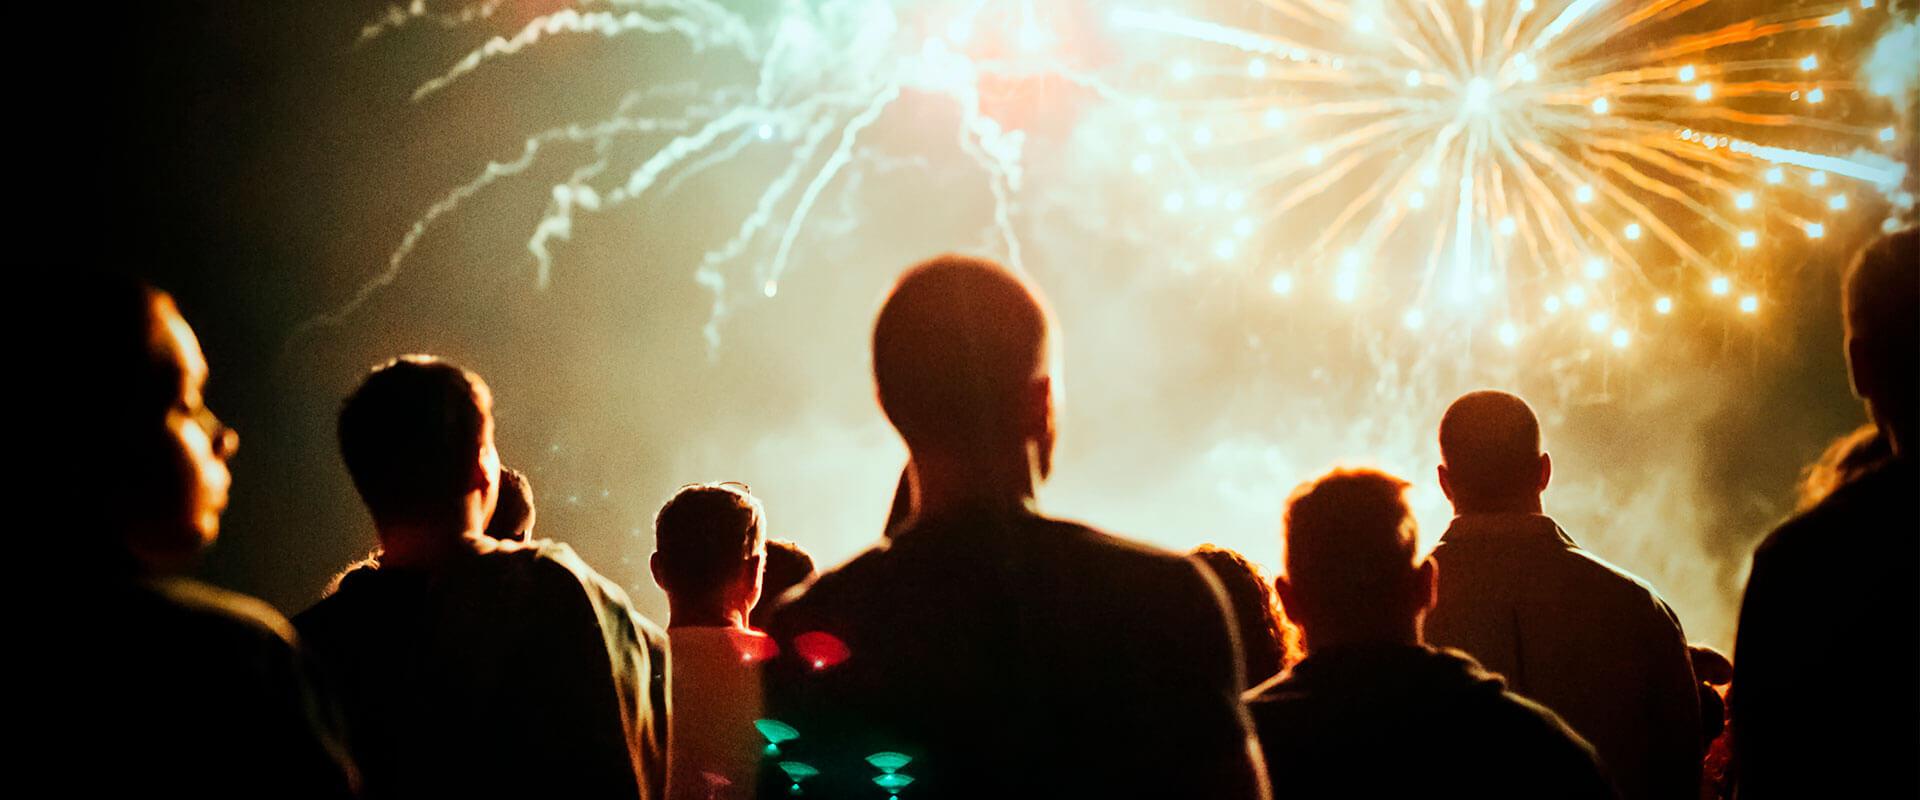 Personas viendo los fuegos artificiales en el cielo, durante la noche.